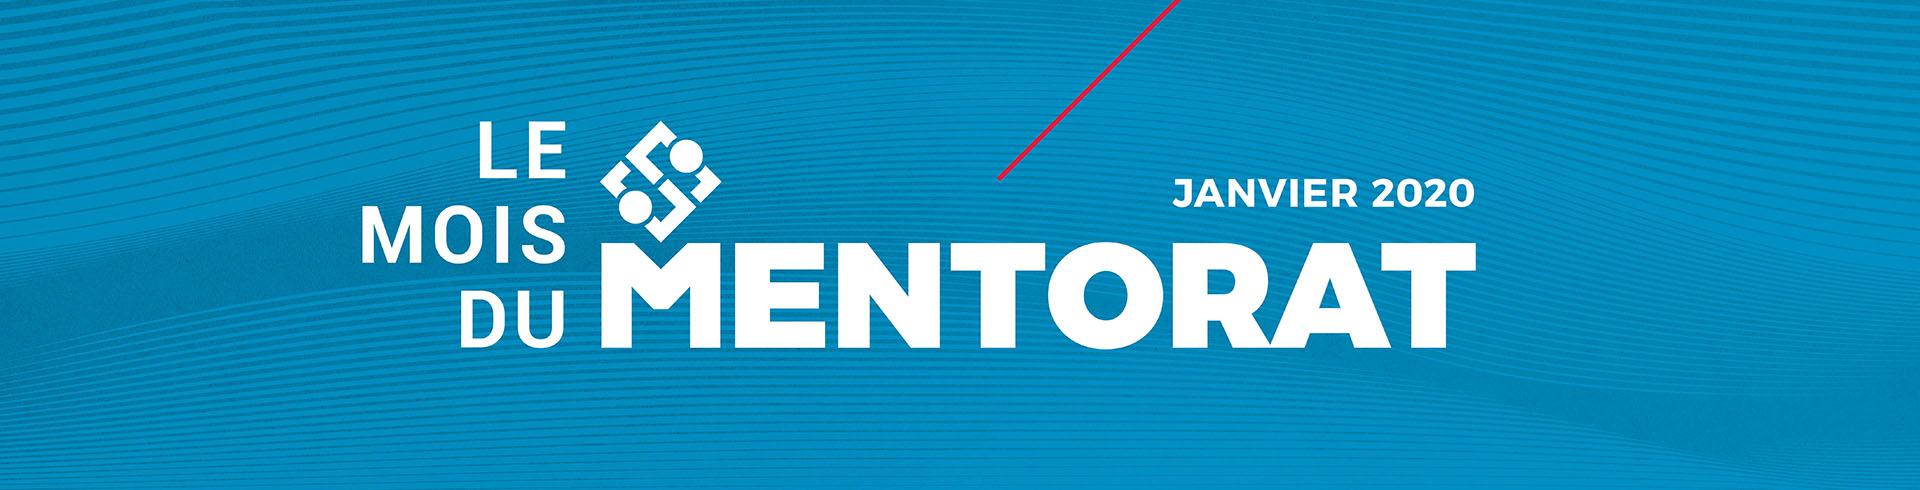 banniere mois mentorat 2020 2